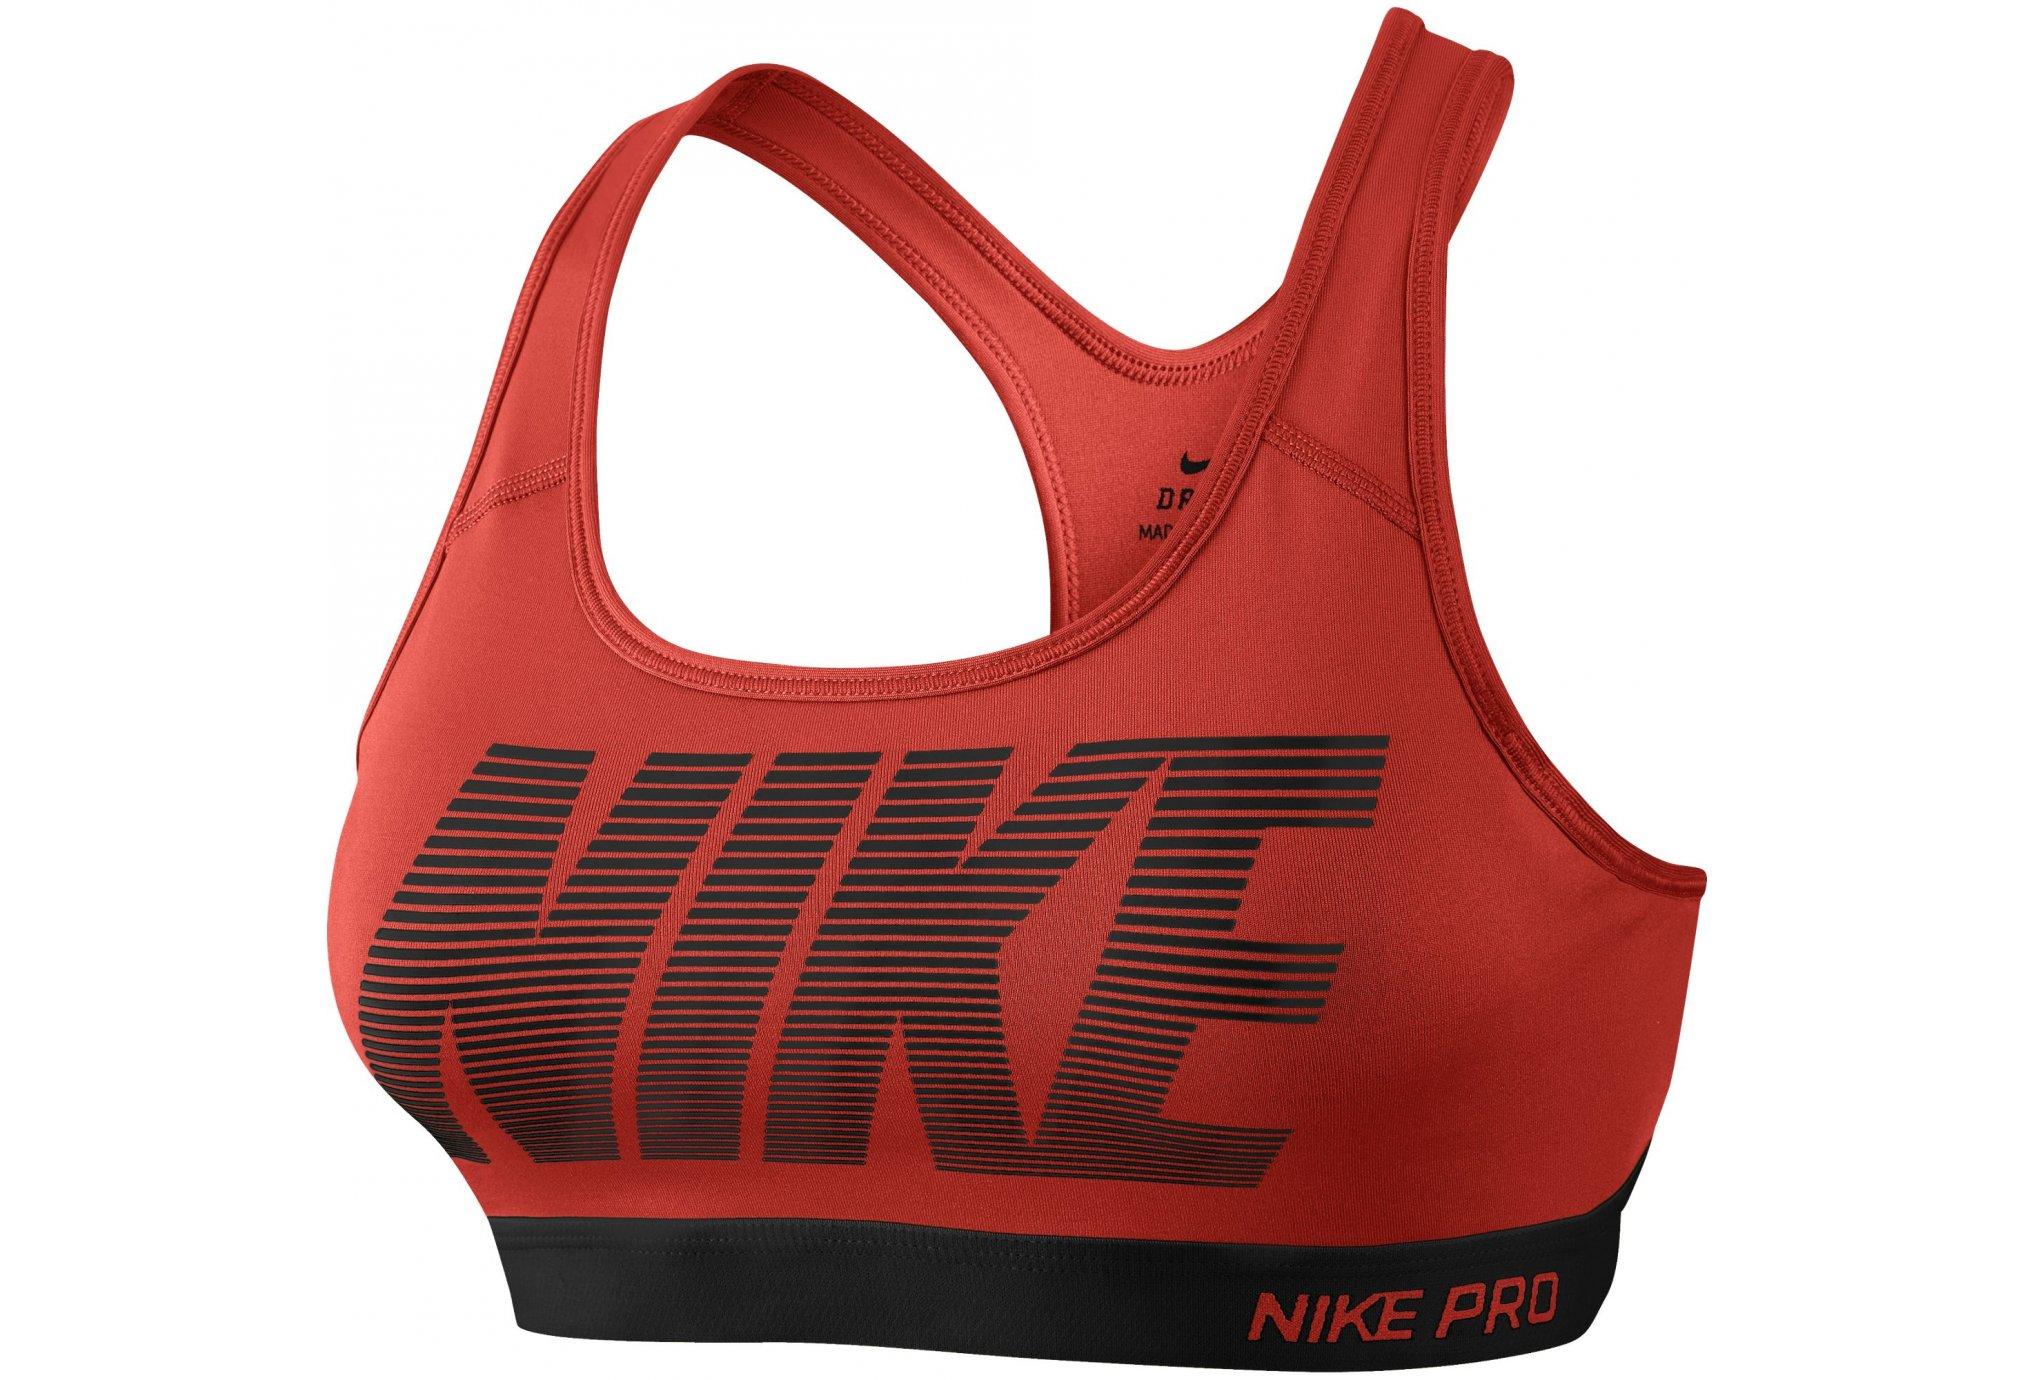 Nike Pro Brassière Classic Padded Graphic W Diététique Vêtements femme